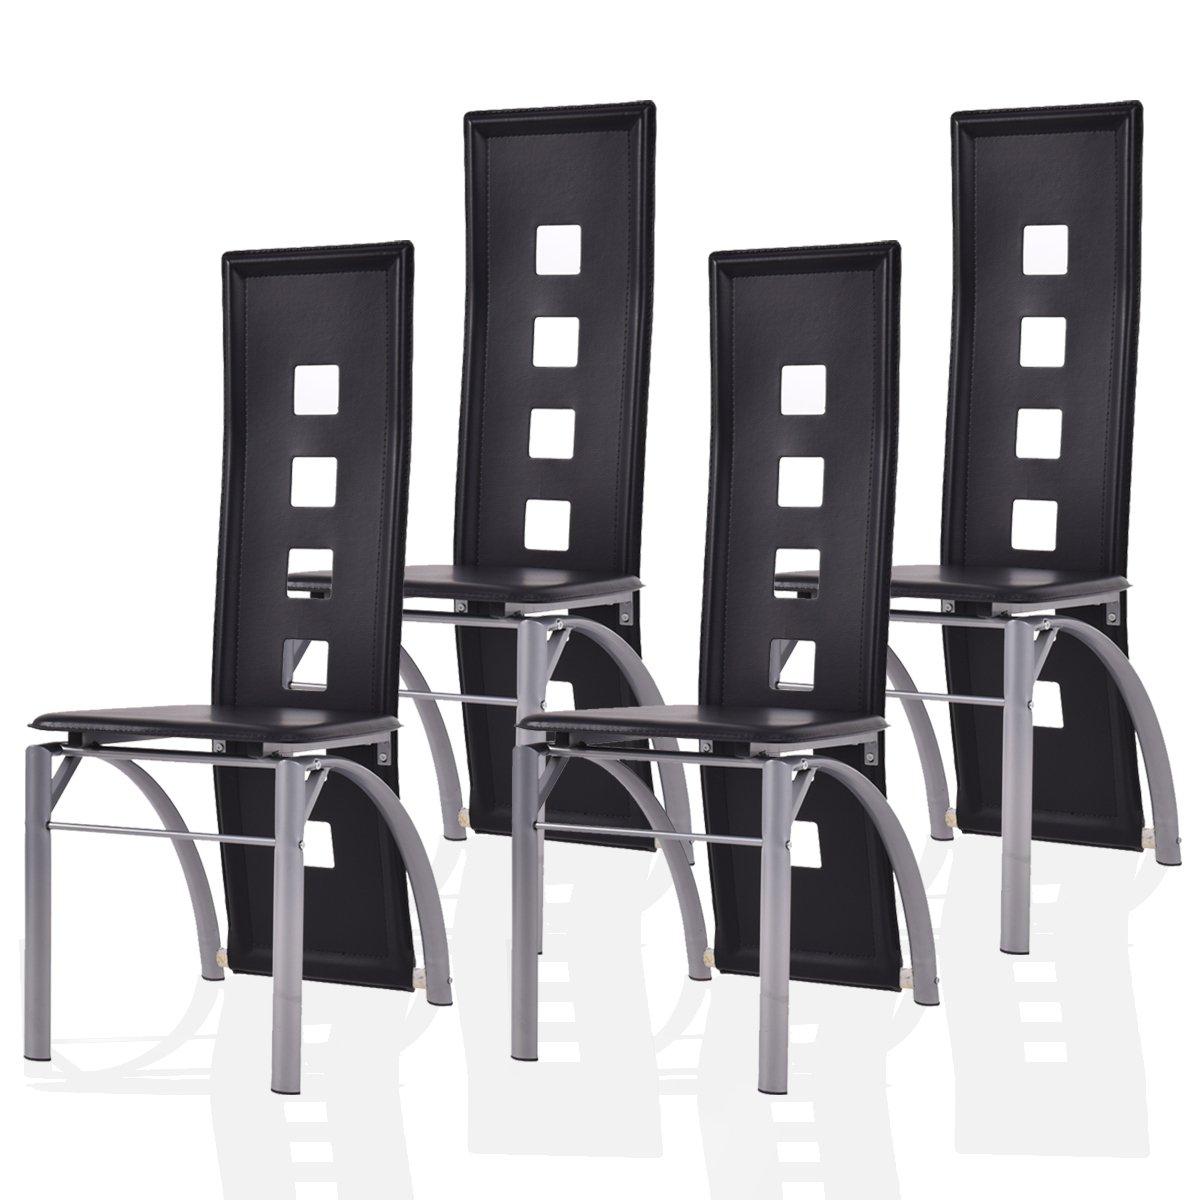 Blitzzauber24 Lot de 4 Chaise de Salle à Manger Moderne Cuisine Meuble Noir Siège Salon